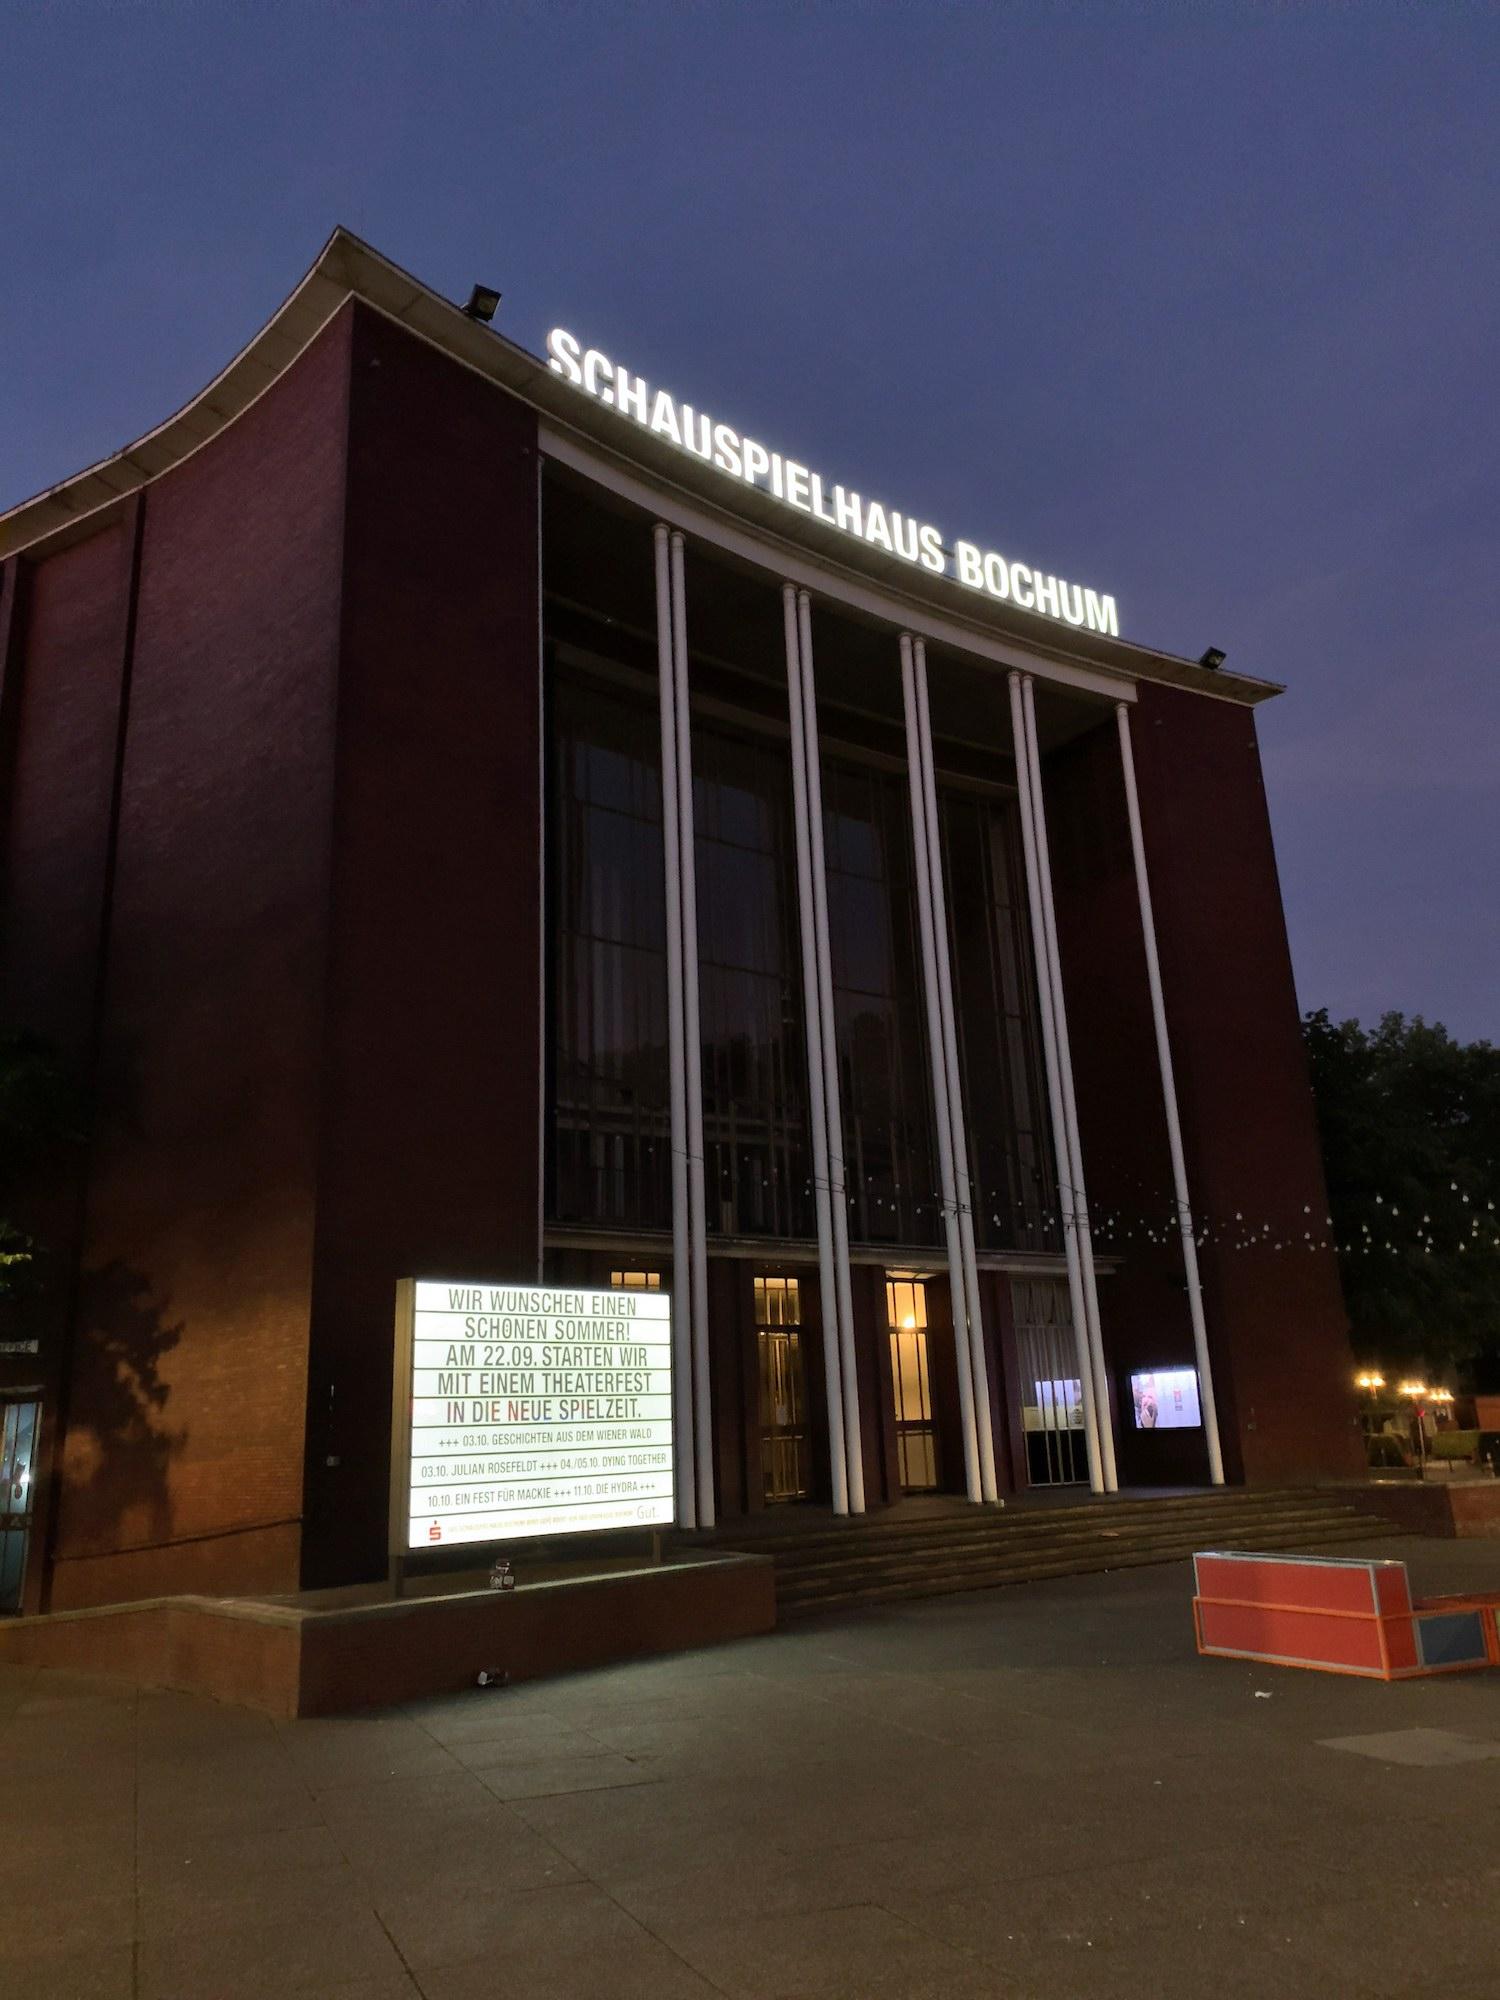 UPDATE: Jetzt mit genauem Zeitplan – Theaterfest vor'm Schauspielhaus Bochum am Sonntag (22.09.2019)